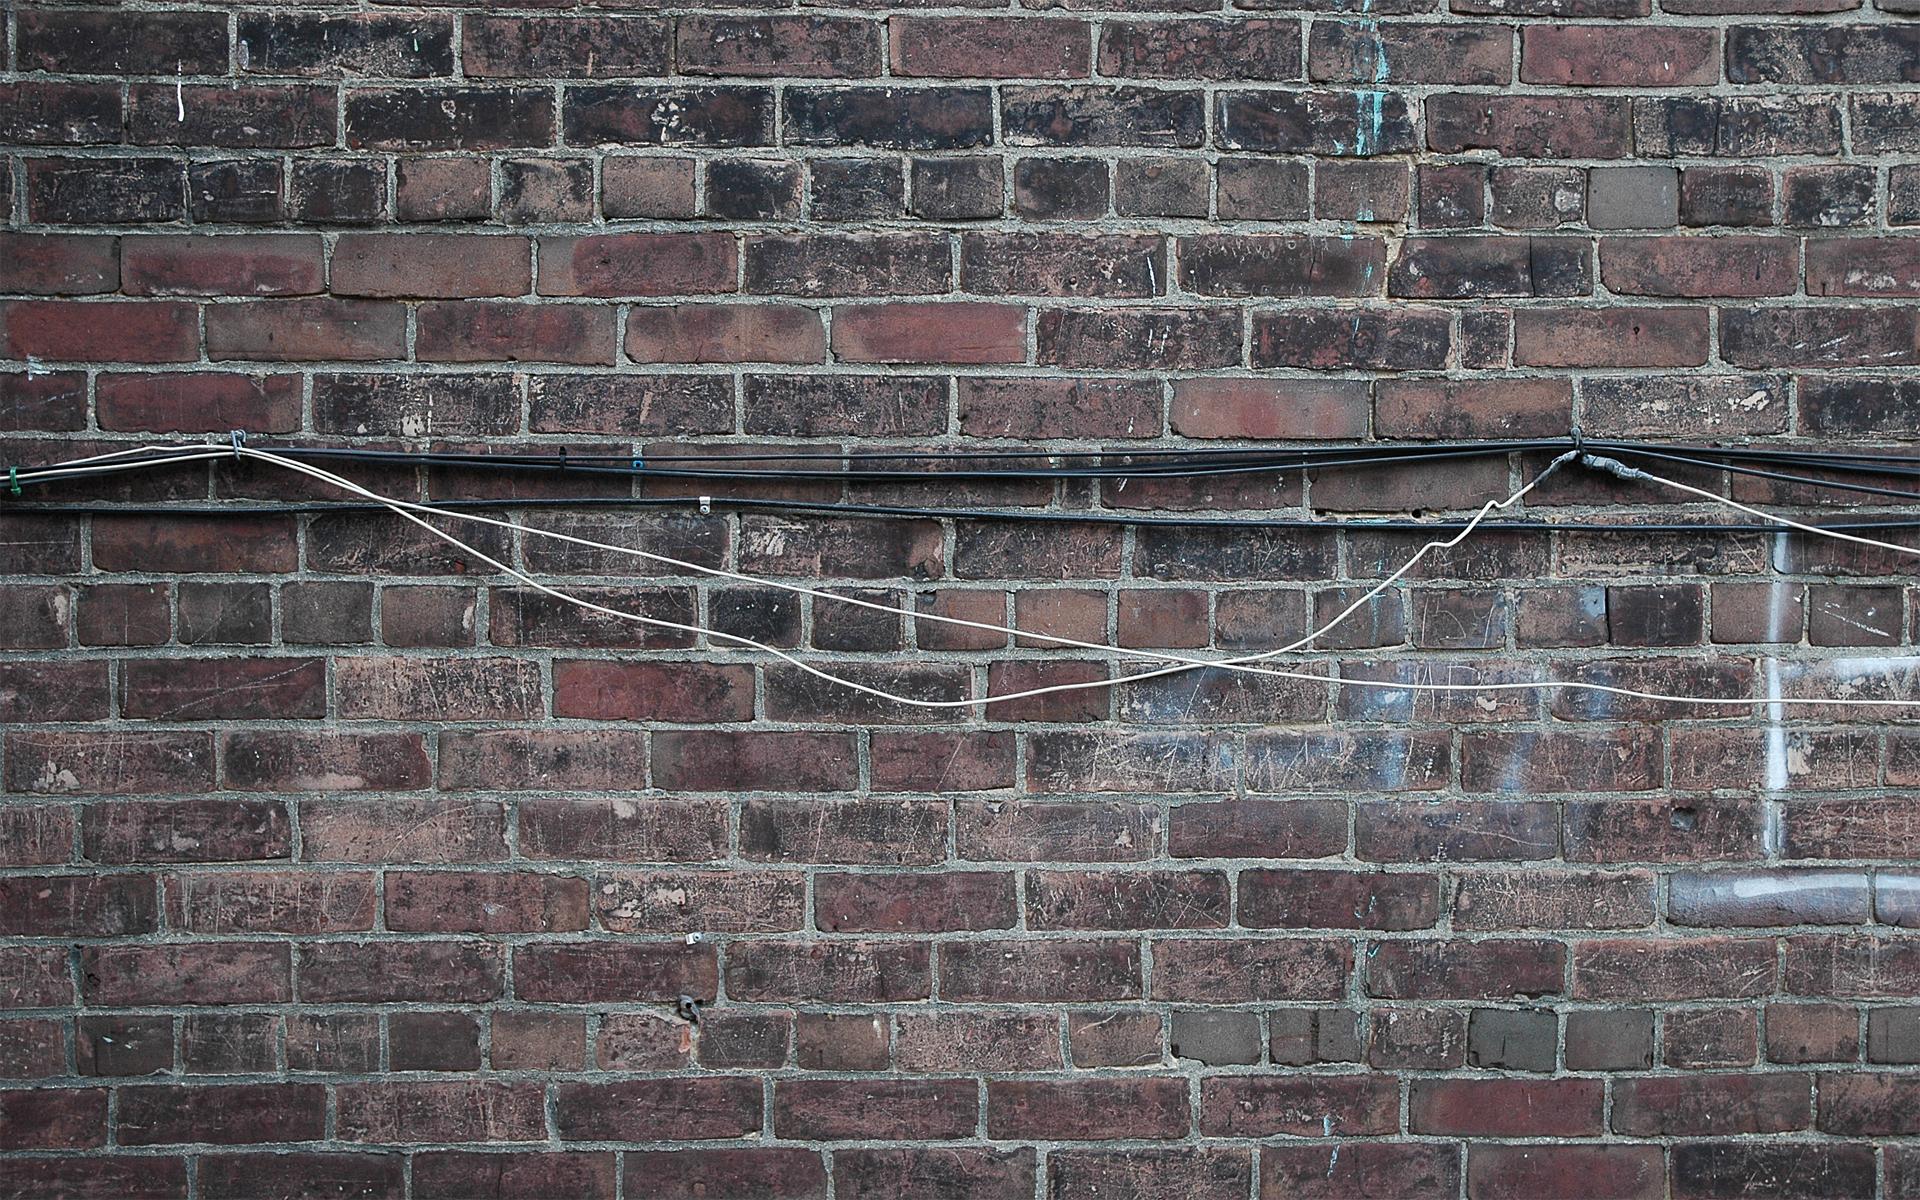 Textures of brick walls (31)